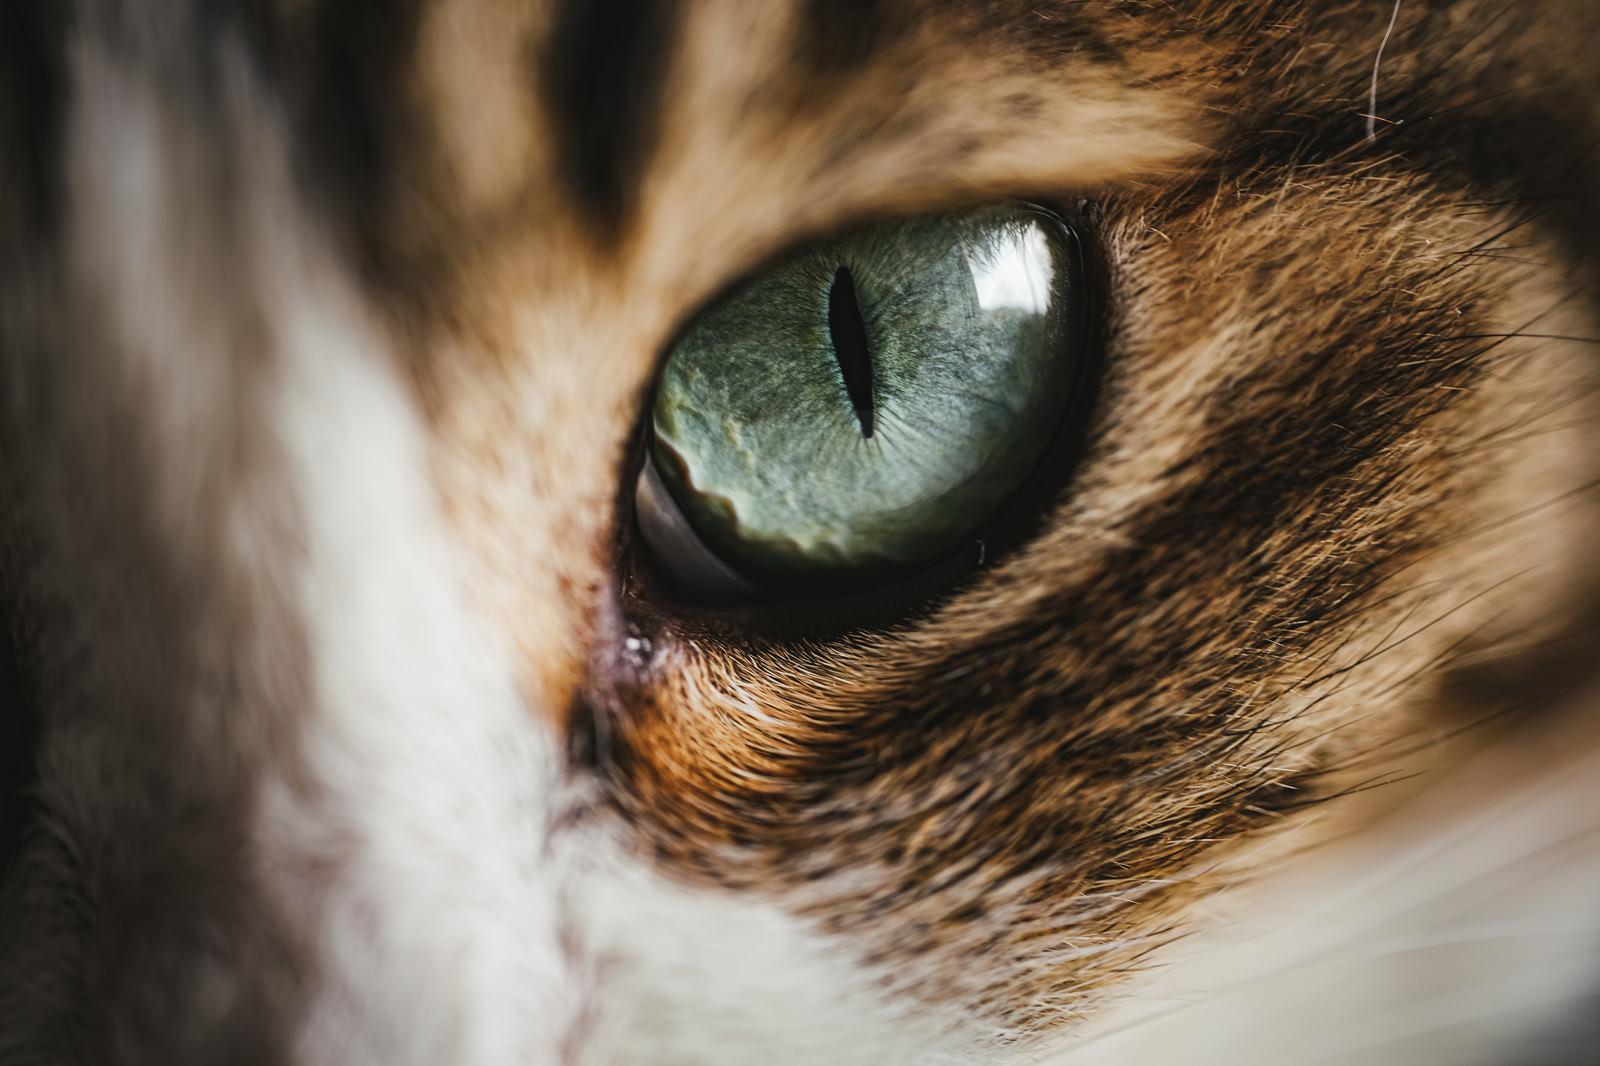 「猫目」の写真